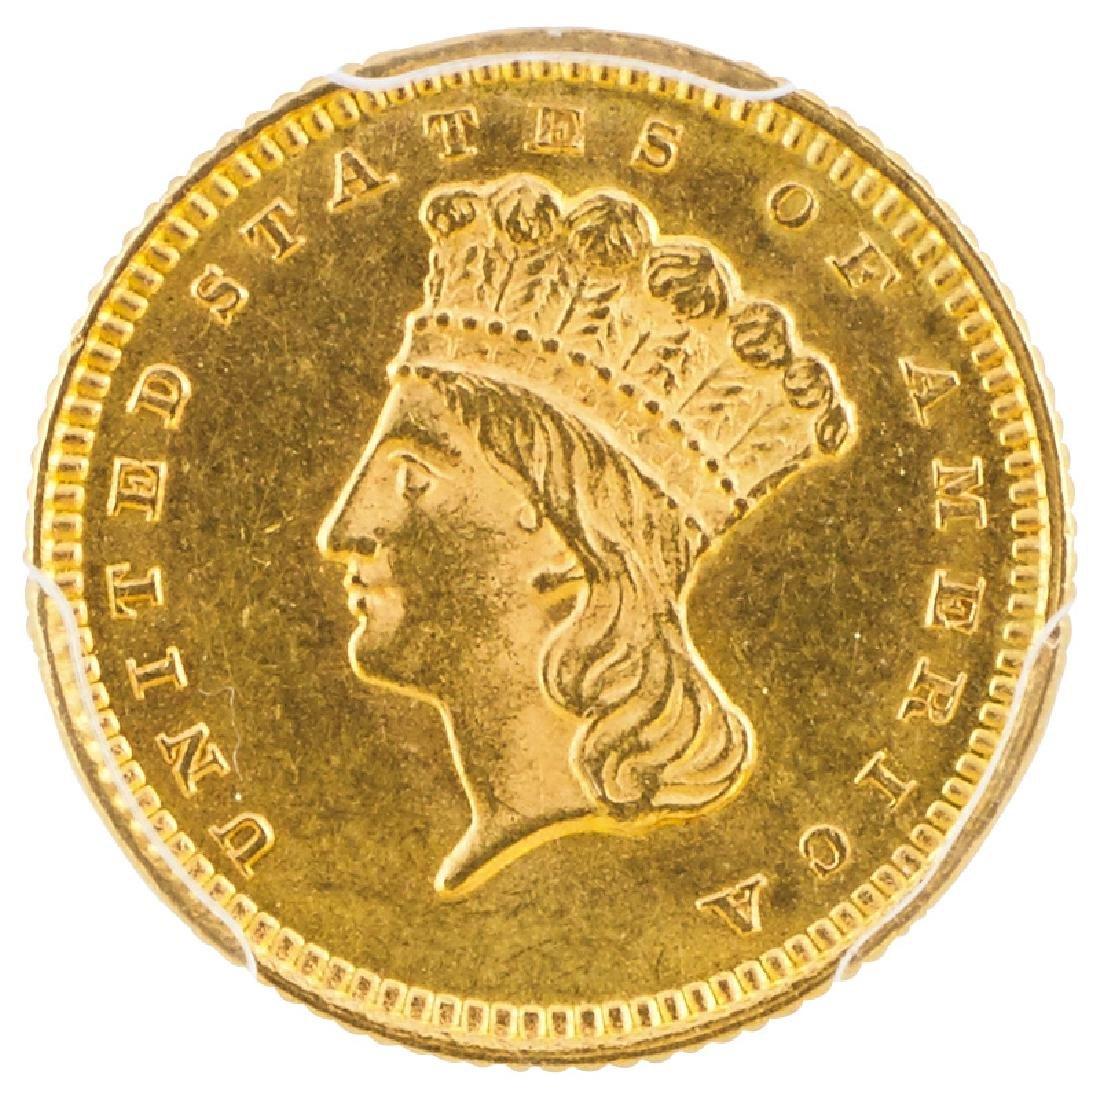 U.S. 1873 INDIAN PRINCESS $1 GOLD COIN